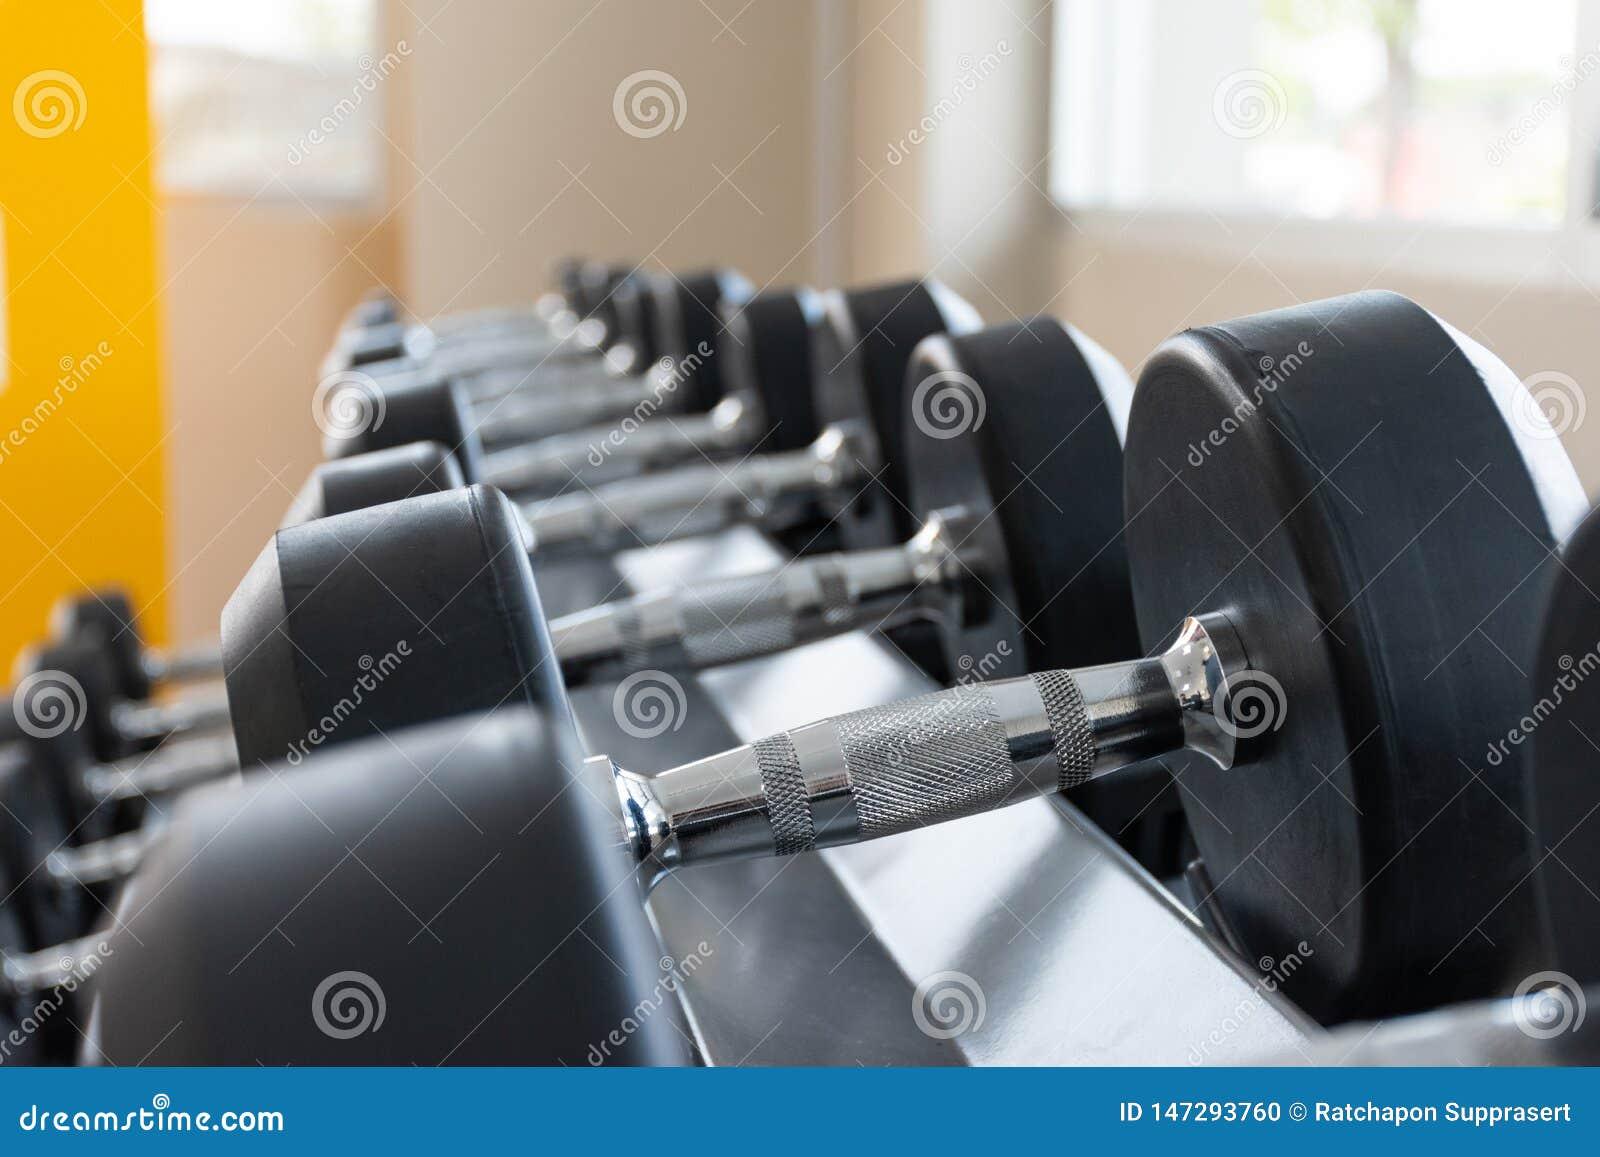 Черный набор гантели на конце шкафа вверх в концепции тренажера веса фитнес-центра спорта